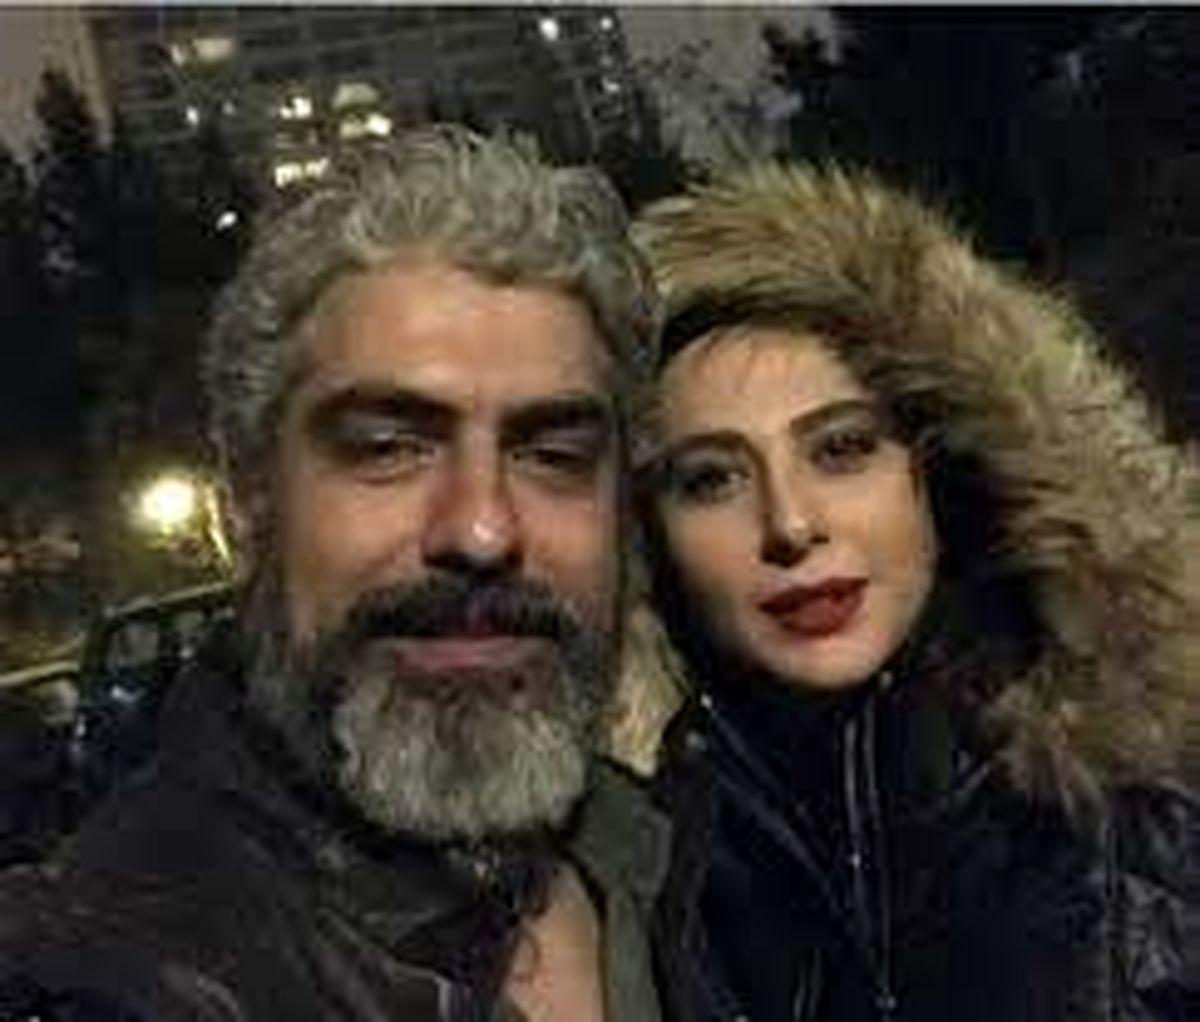 مهریه سنگین همسر اول مهدی پاکدل در روز تولد مهدی پاکدل فاش شد + عکس